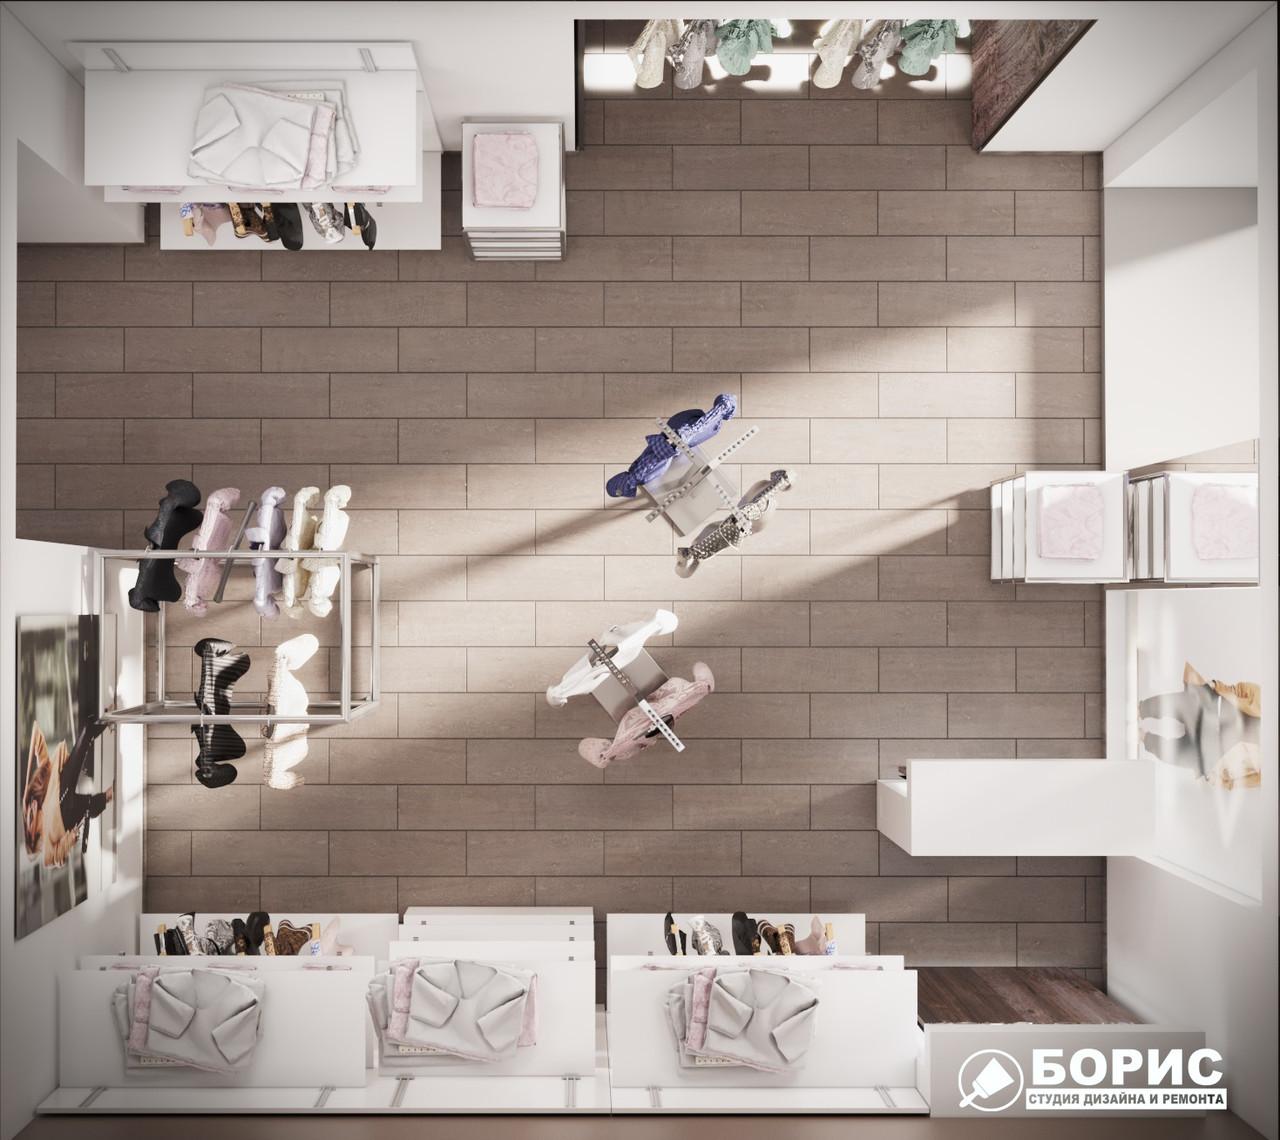 Дизайн интерьера коммерческой недвижимости: магазина, офиса, кафе, ресторана от 100грн/м2 по Украине